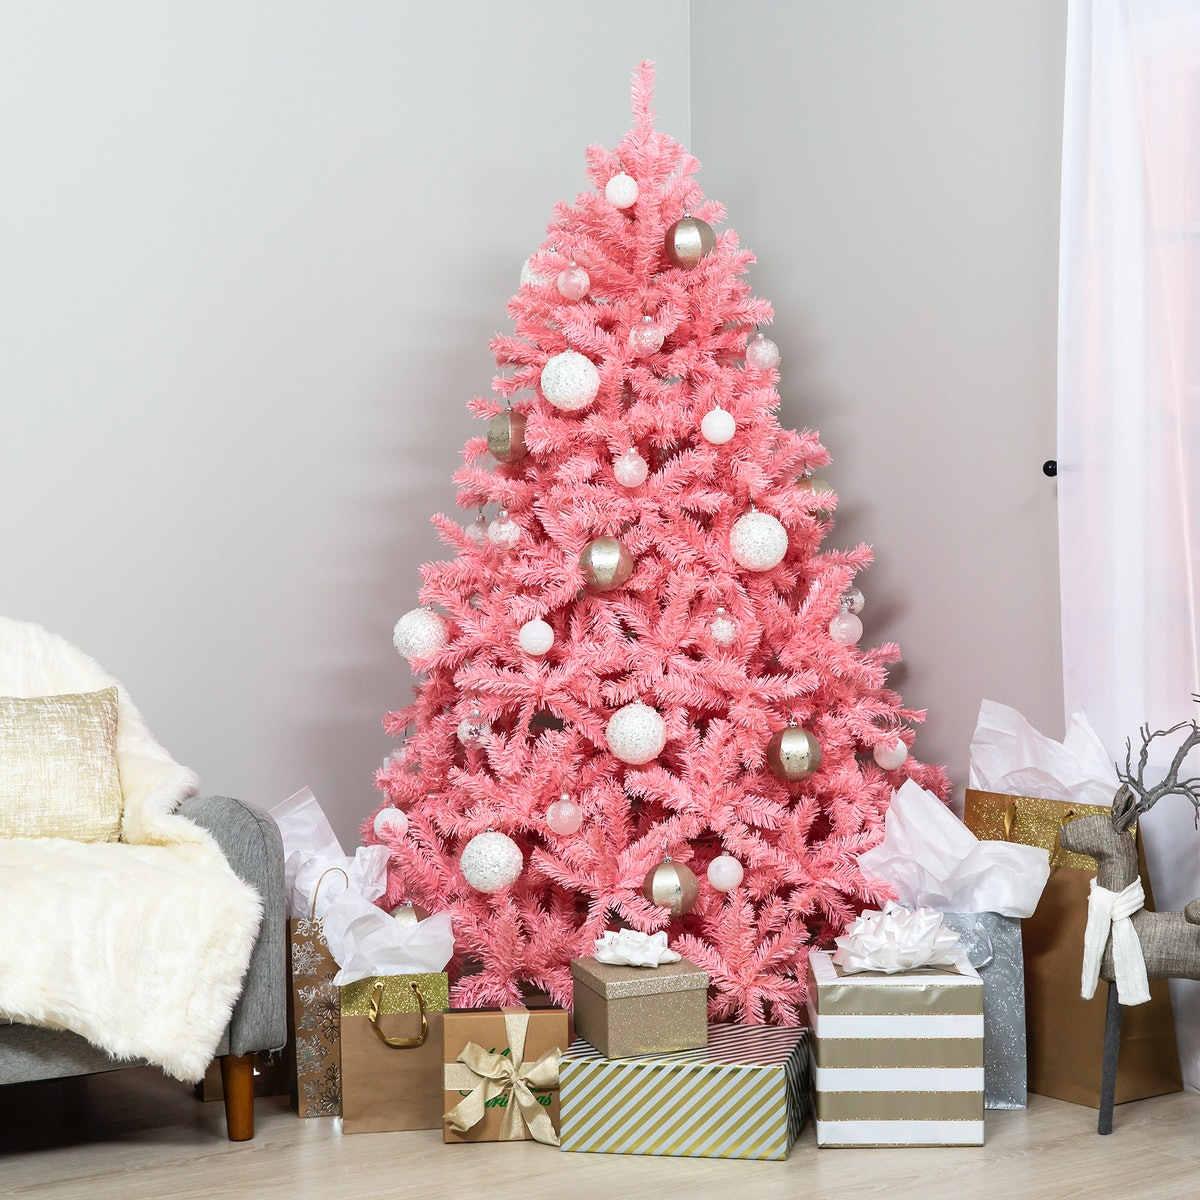 Artificial Christmas Full Fir Tree - Pink